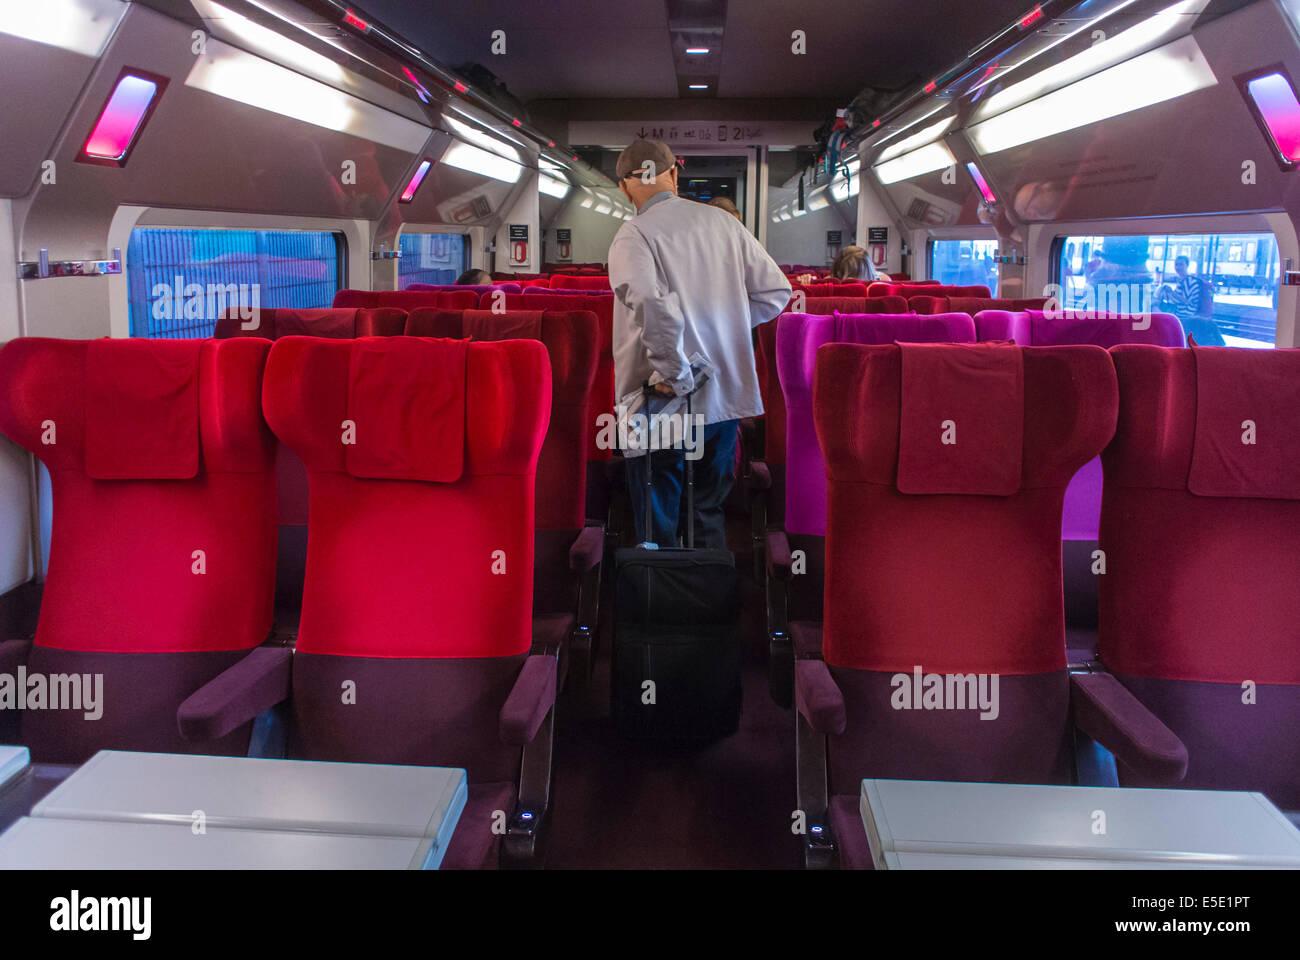 https://c8.alamy.com/compfr/e5e1pt/paris-france-premier-homme-a-linterieur-dbullet-train-tgv-thalys-a-amsterdam-a-la-gare-de-nord-gare-e5e1pt.jpg